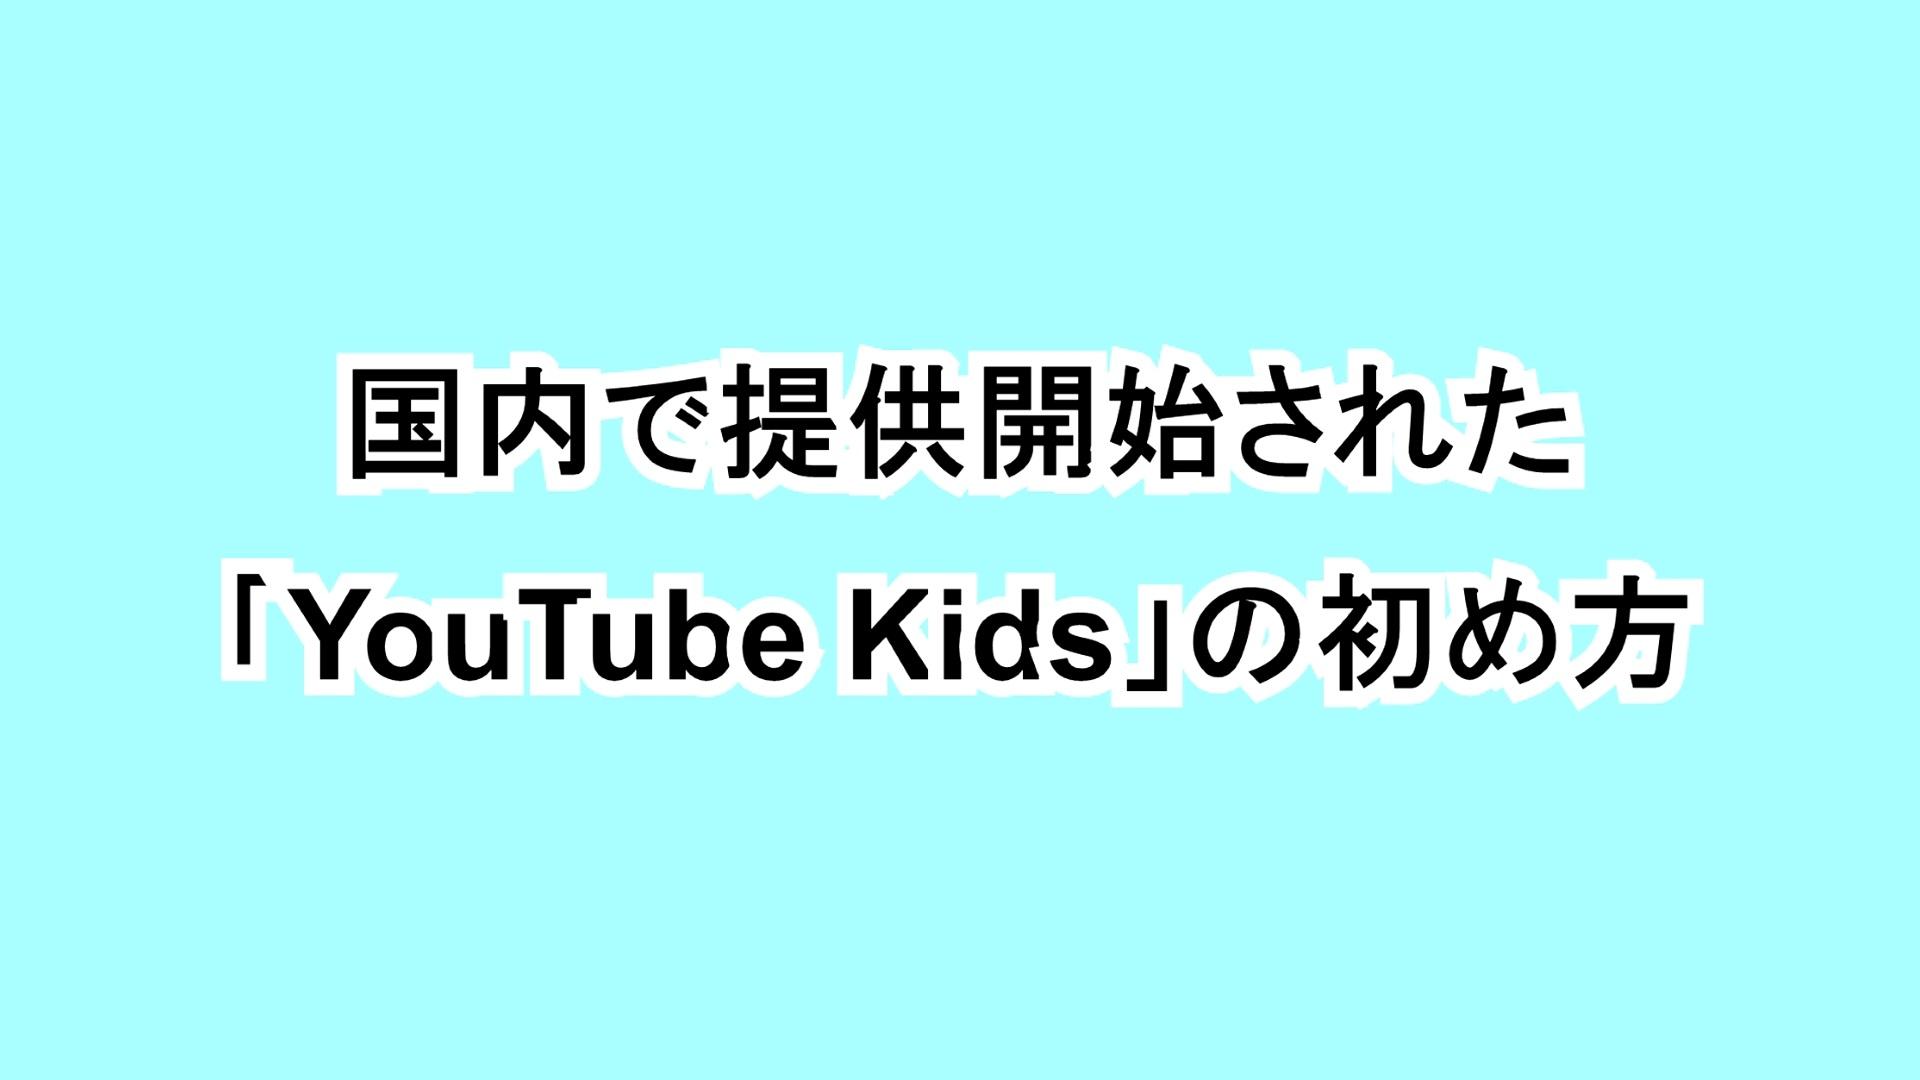 国内で提供開始された「YouTube Kids」の初め方